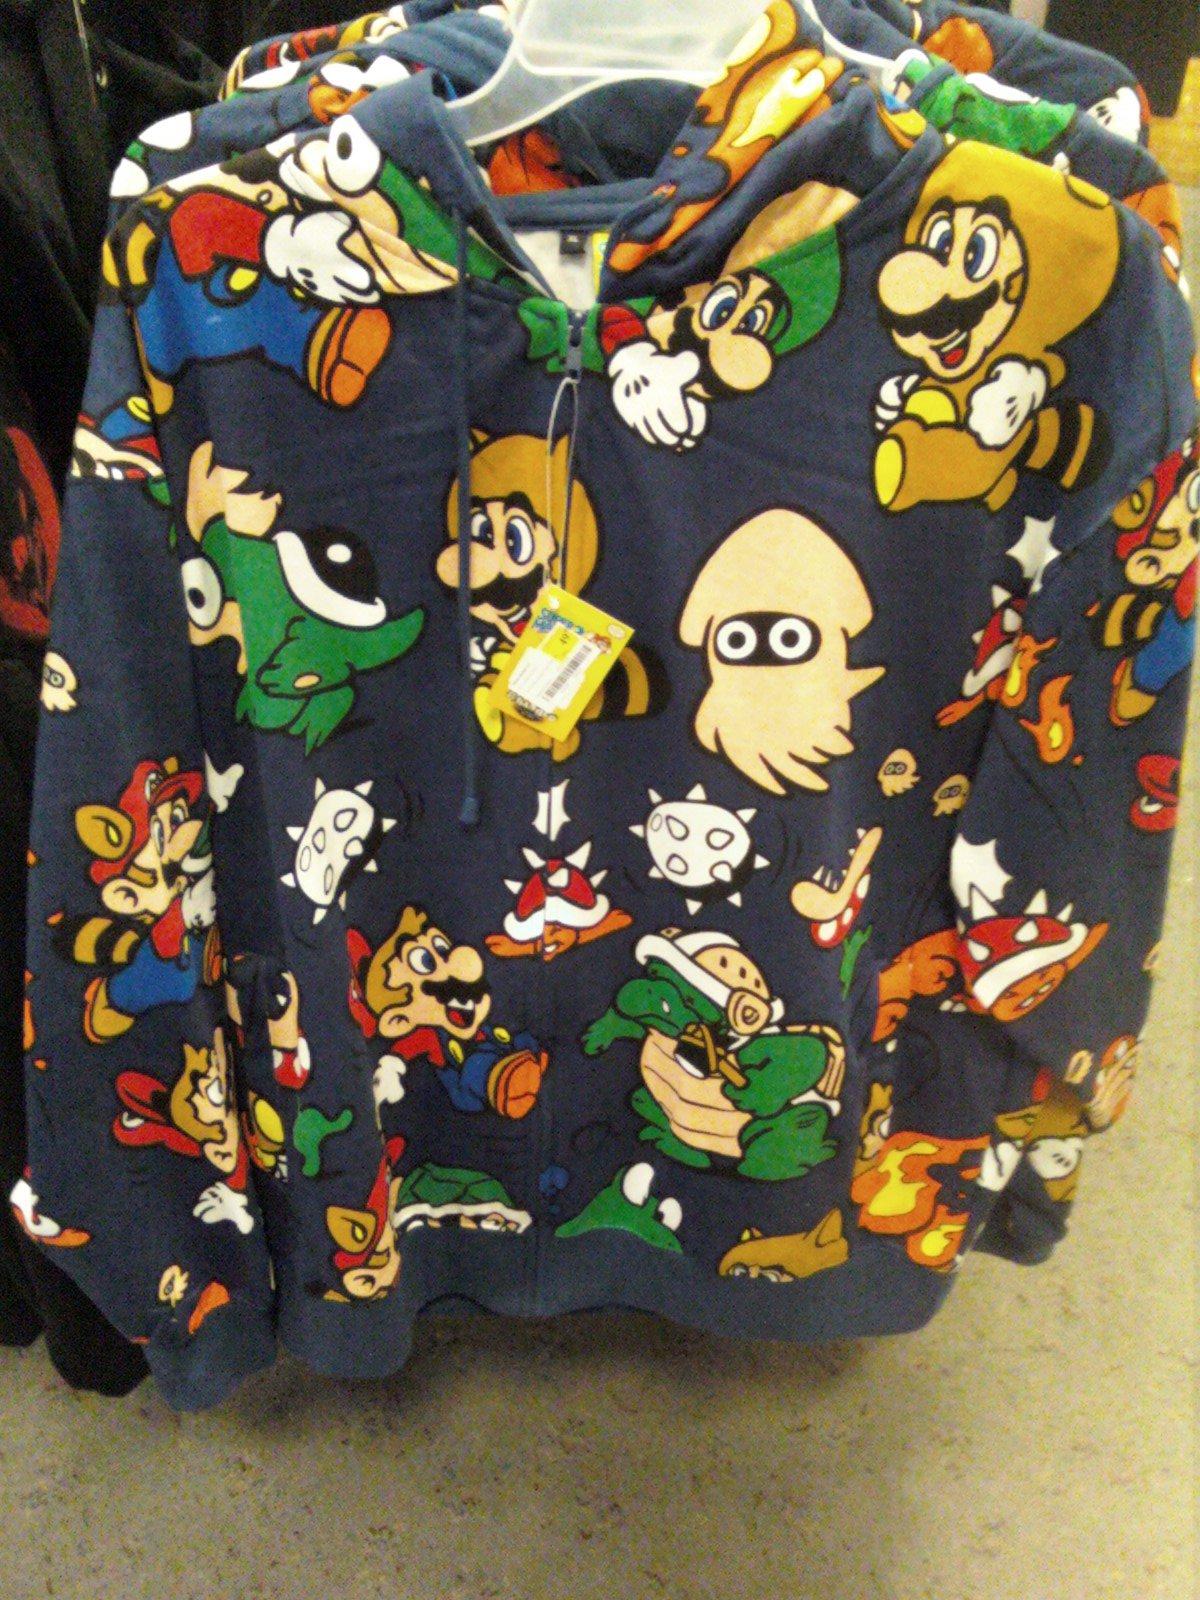 Mario hoodie